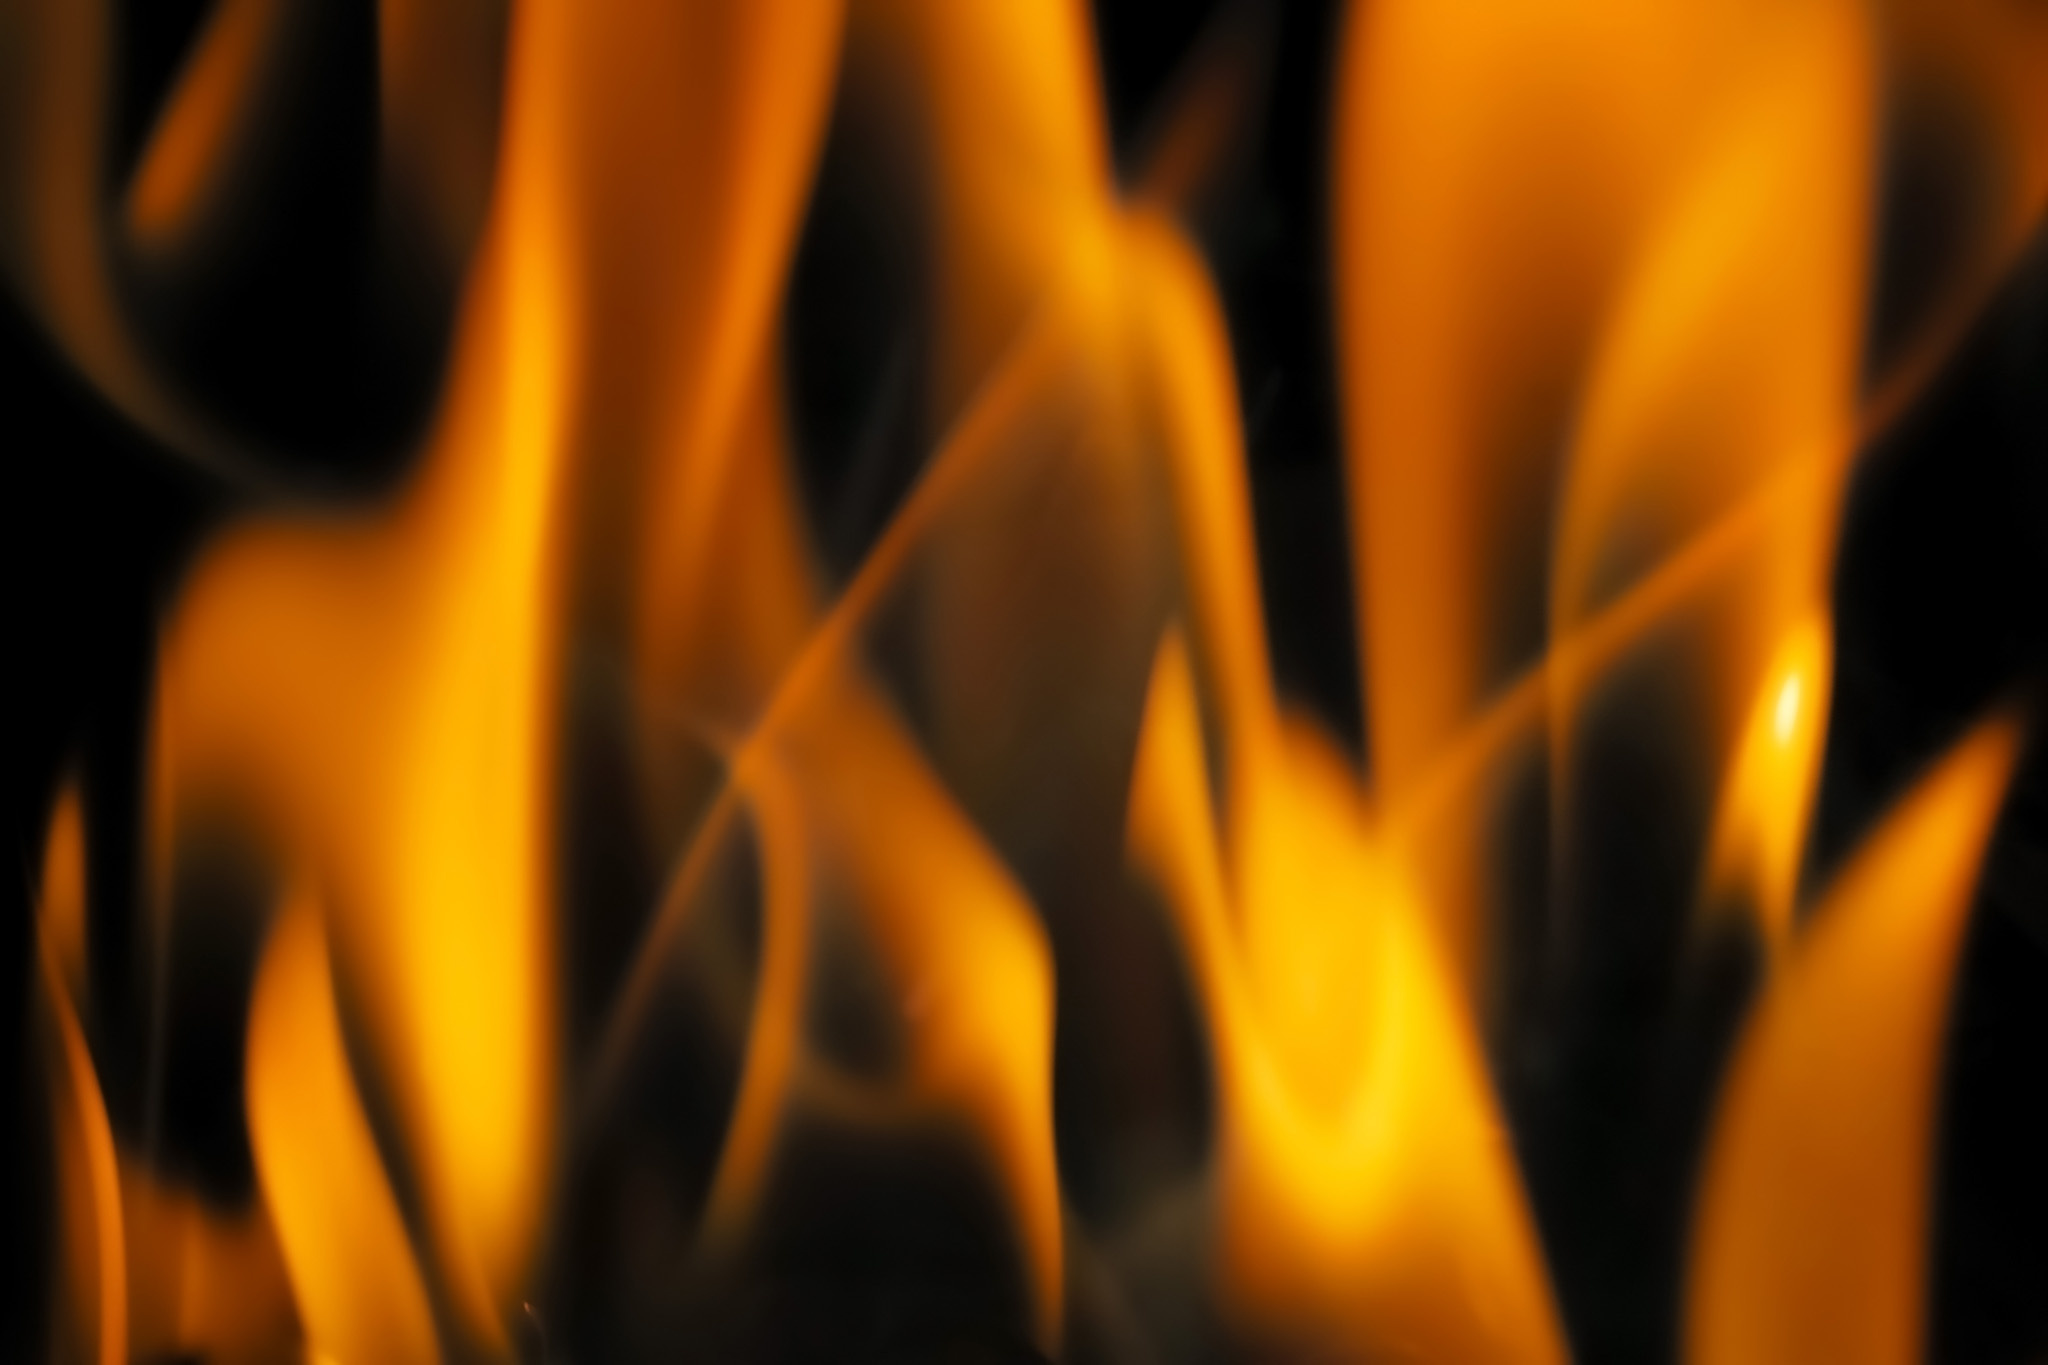 「激しく燃焼するオレンジ色の猛炎」